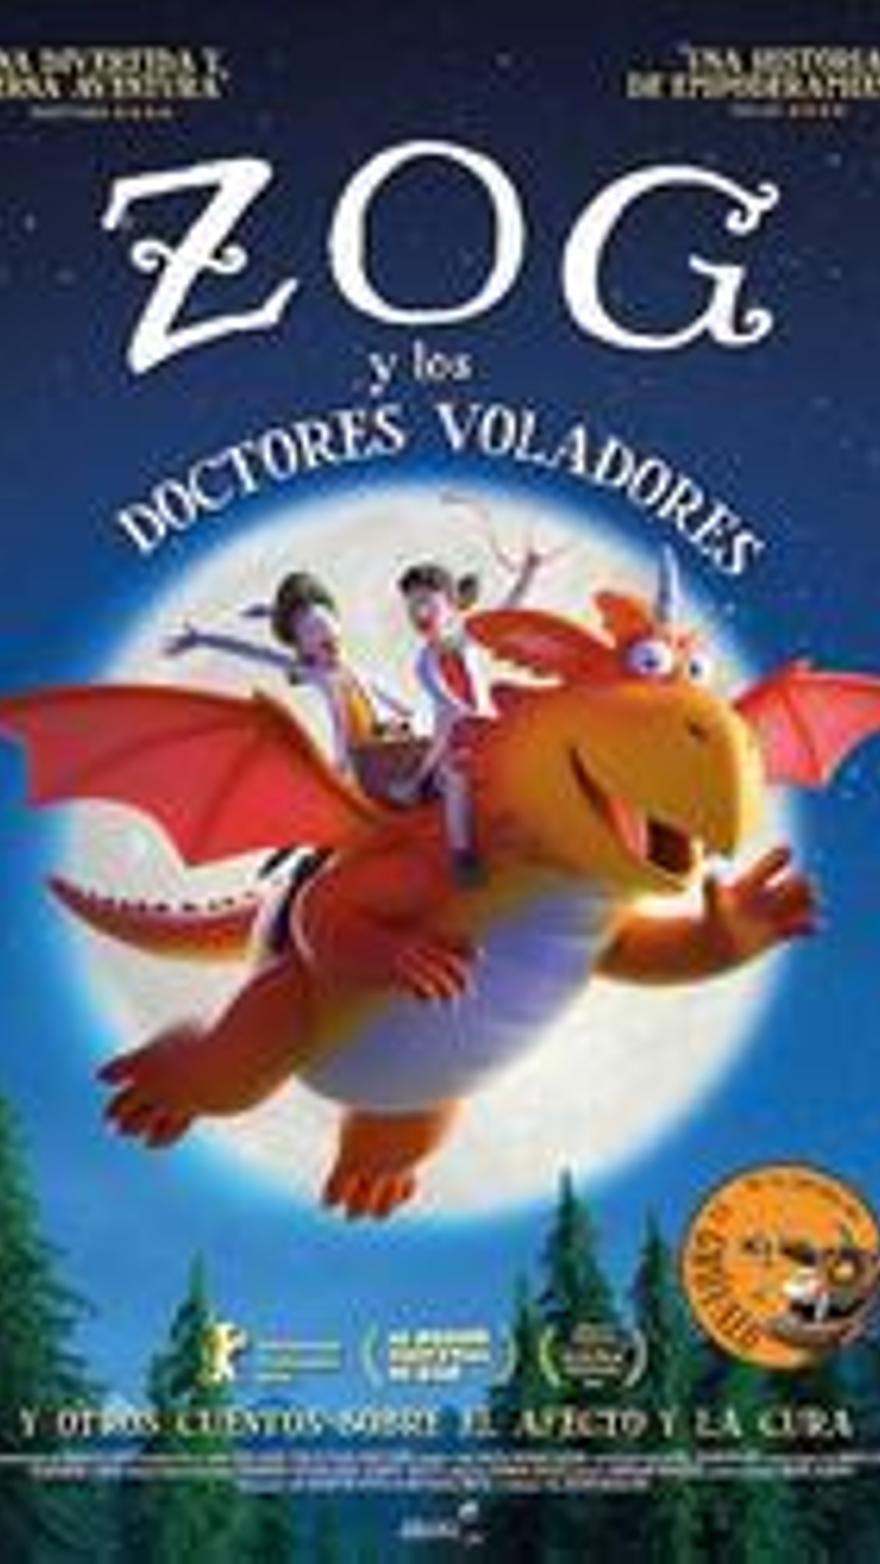 Zog y los doctores voladores, y otros cuentos sobre el afecto y la cura